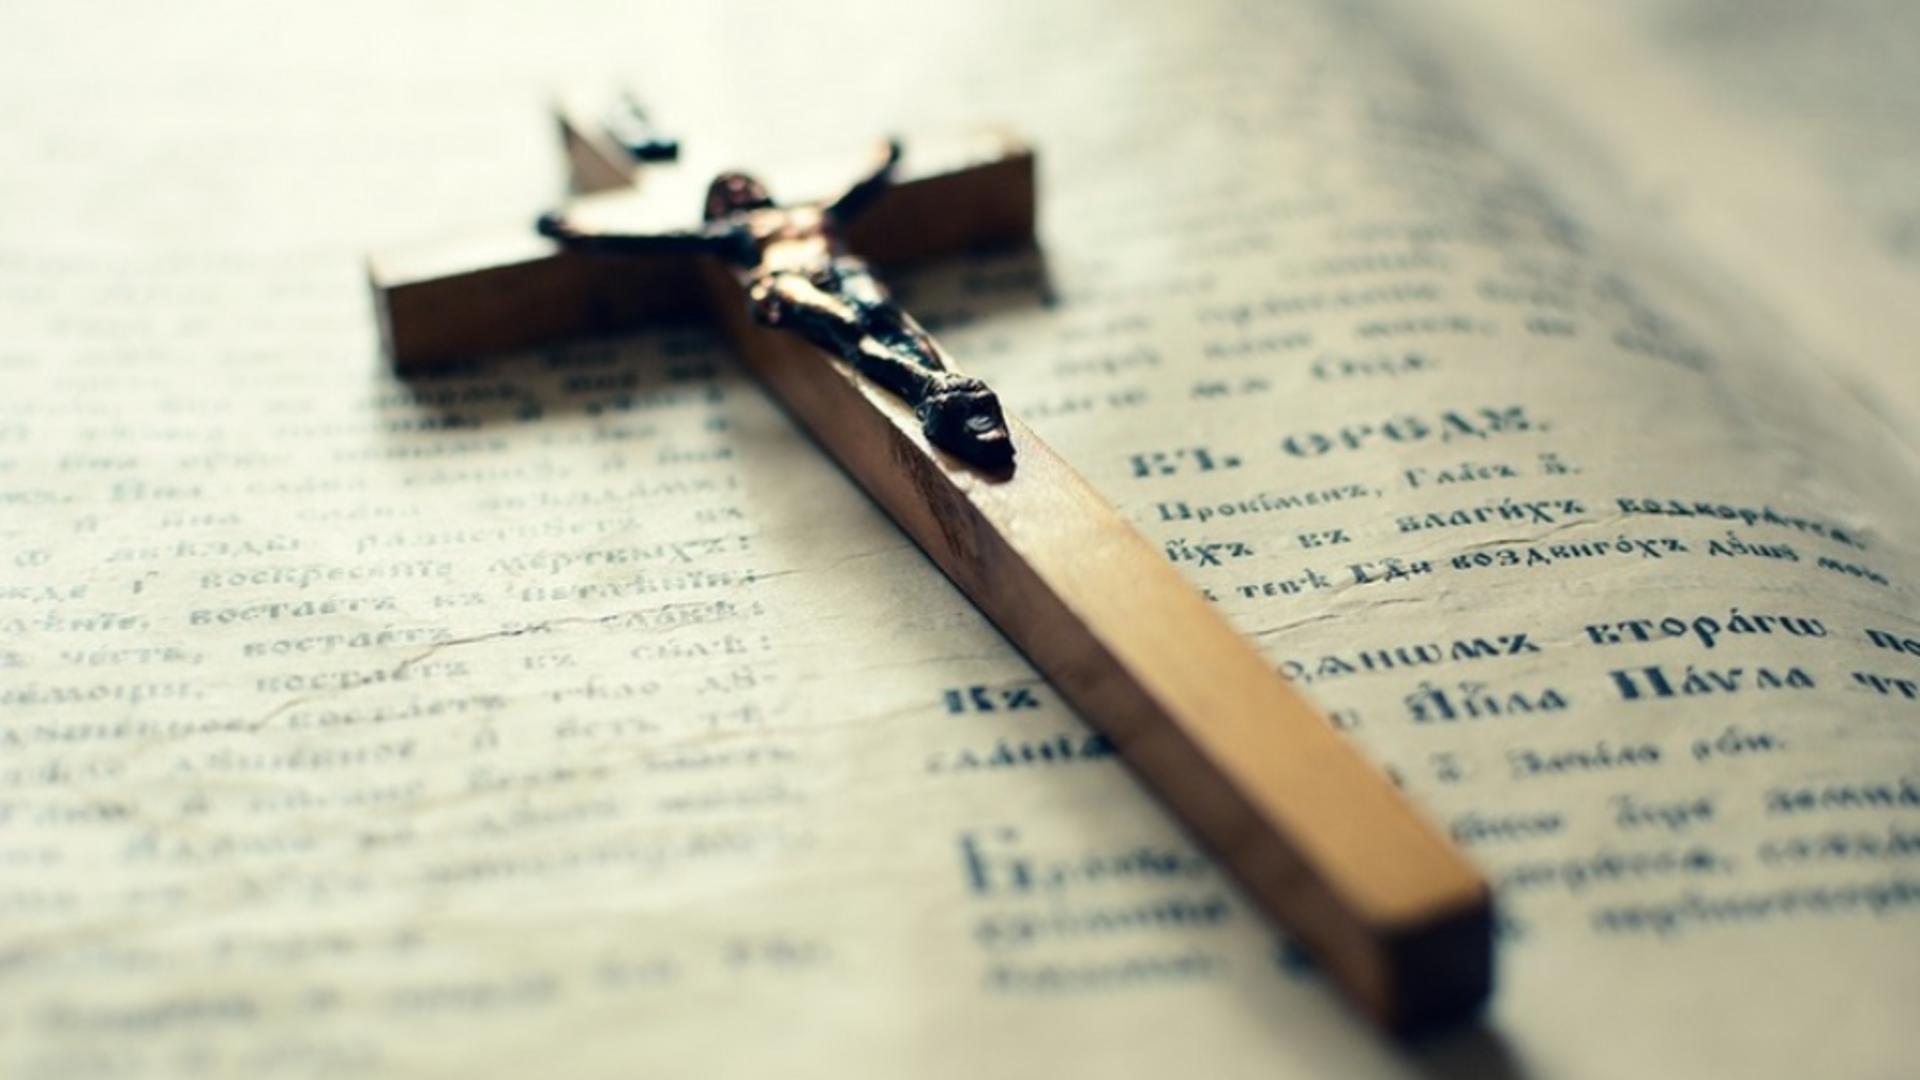 Sărbătoare 22 septembrie. Mari sfinți sunt pomeniți în calendar